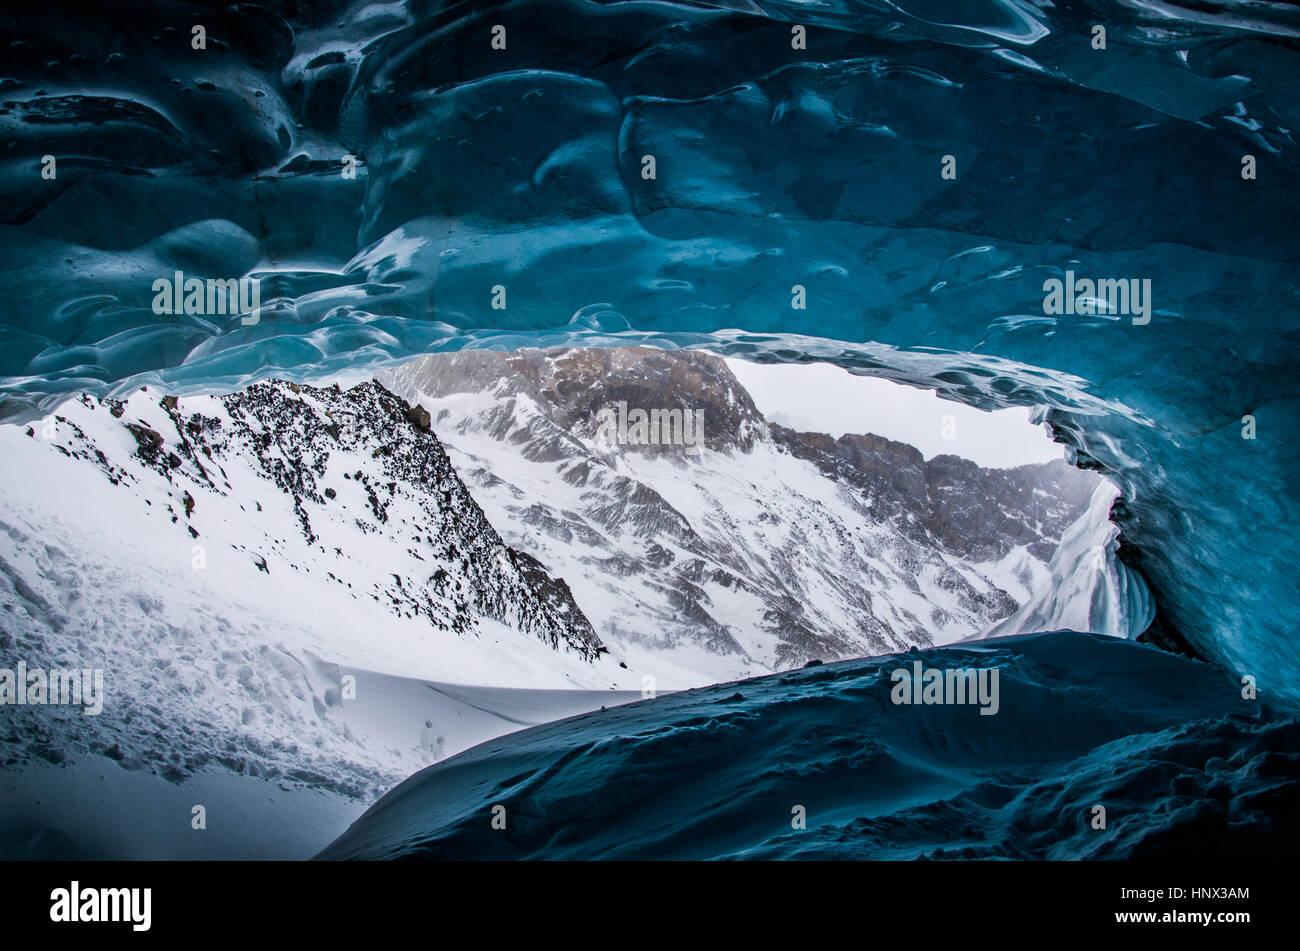 Dall'interno di un ghiacciaio di grotta di ghiaccio nelle montagne rocciose canadesi Immagini Stock